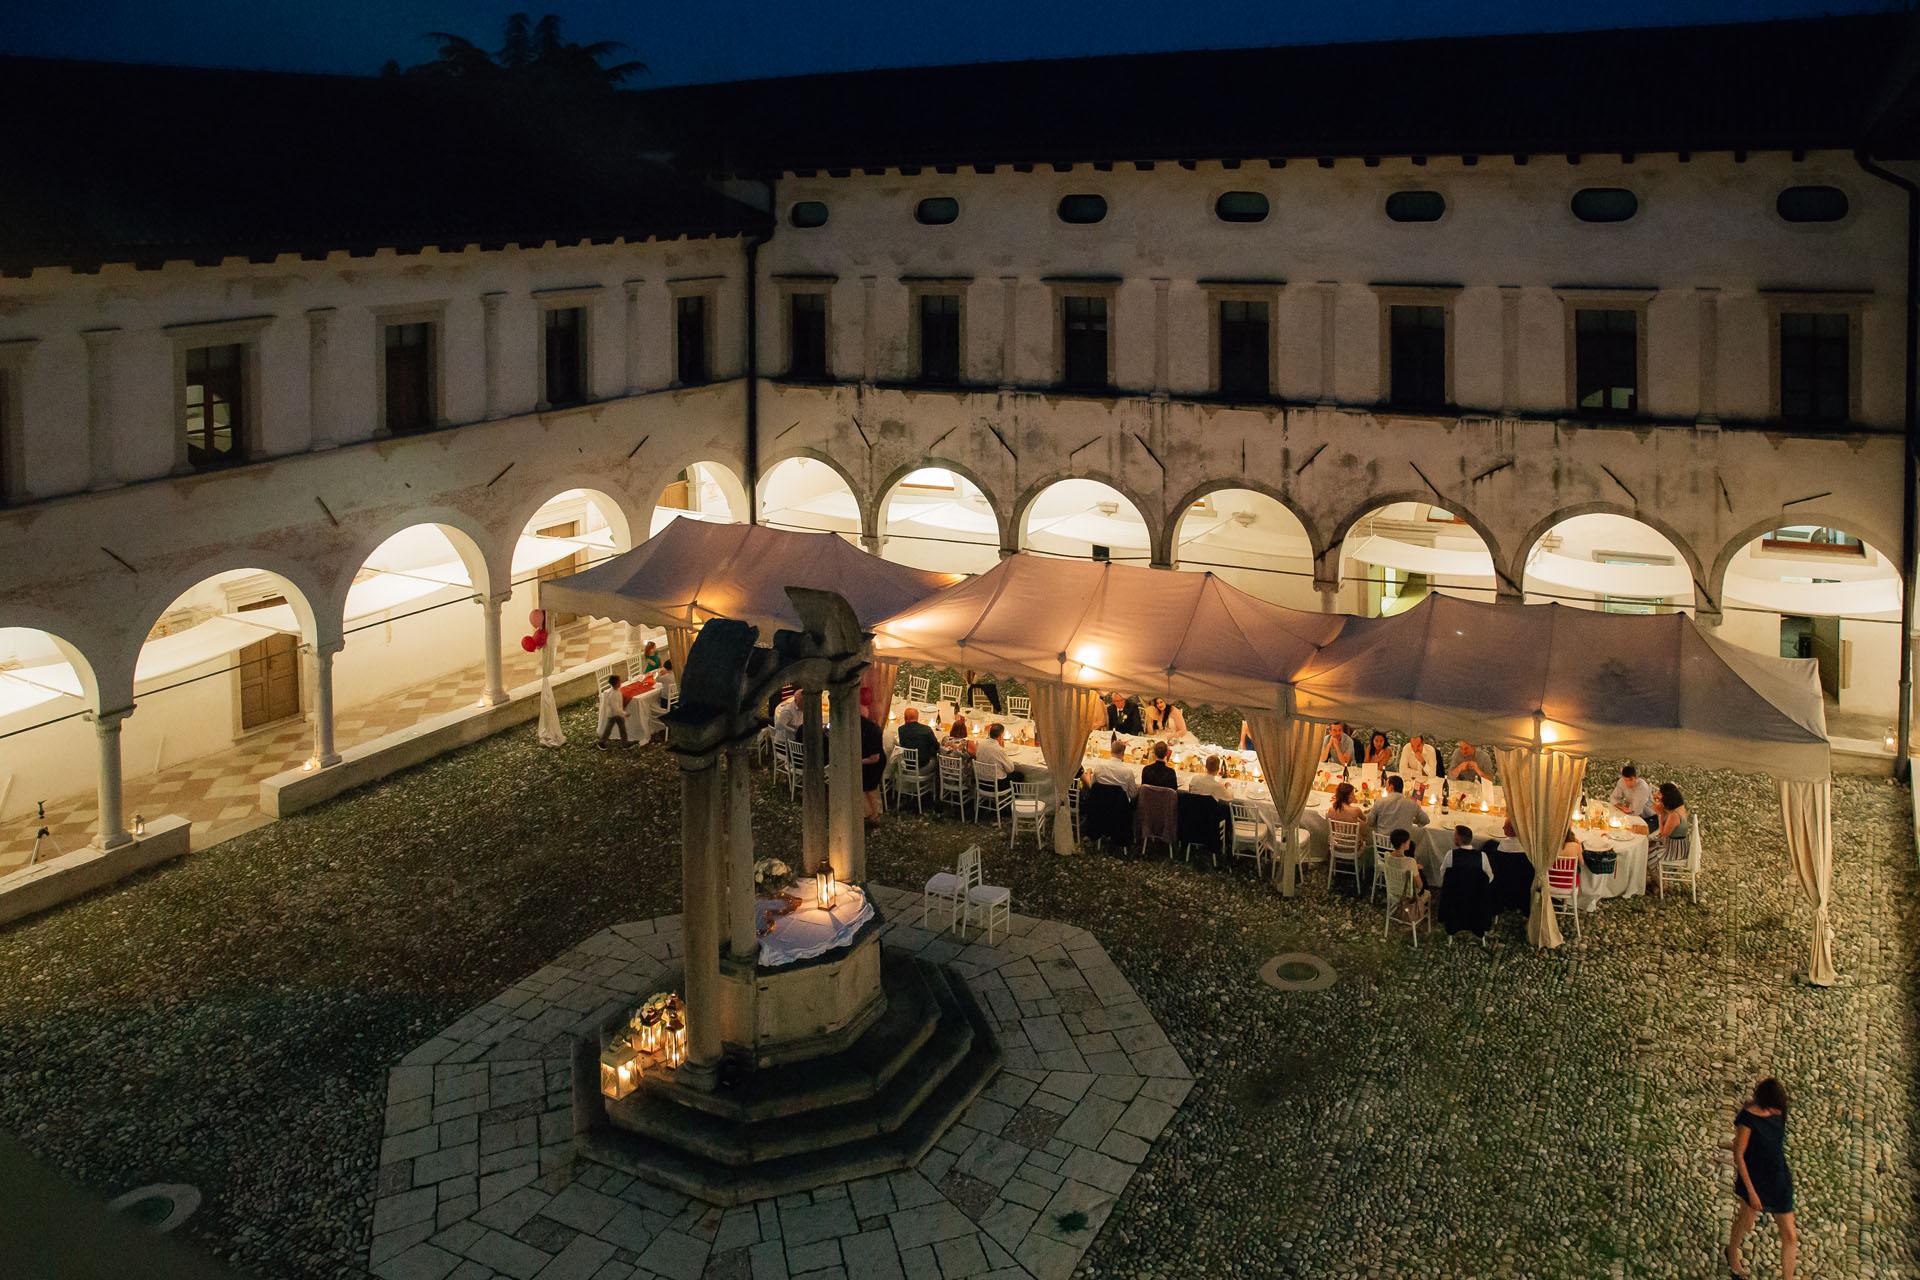 Jessica-Jason-Weddingdestination-Storytelling-Renato-Zanette-Fotografo-Convento-San-Francesco-Conegliano-Treviso-Veneto-Atmosfera